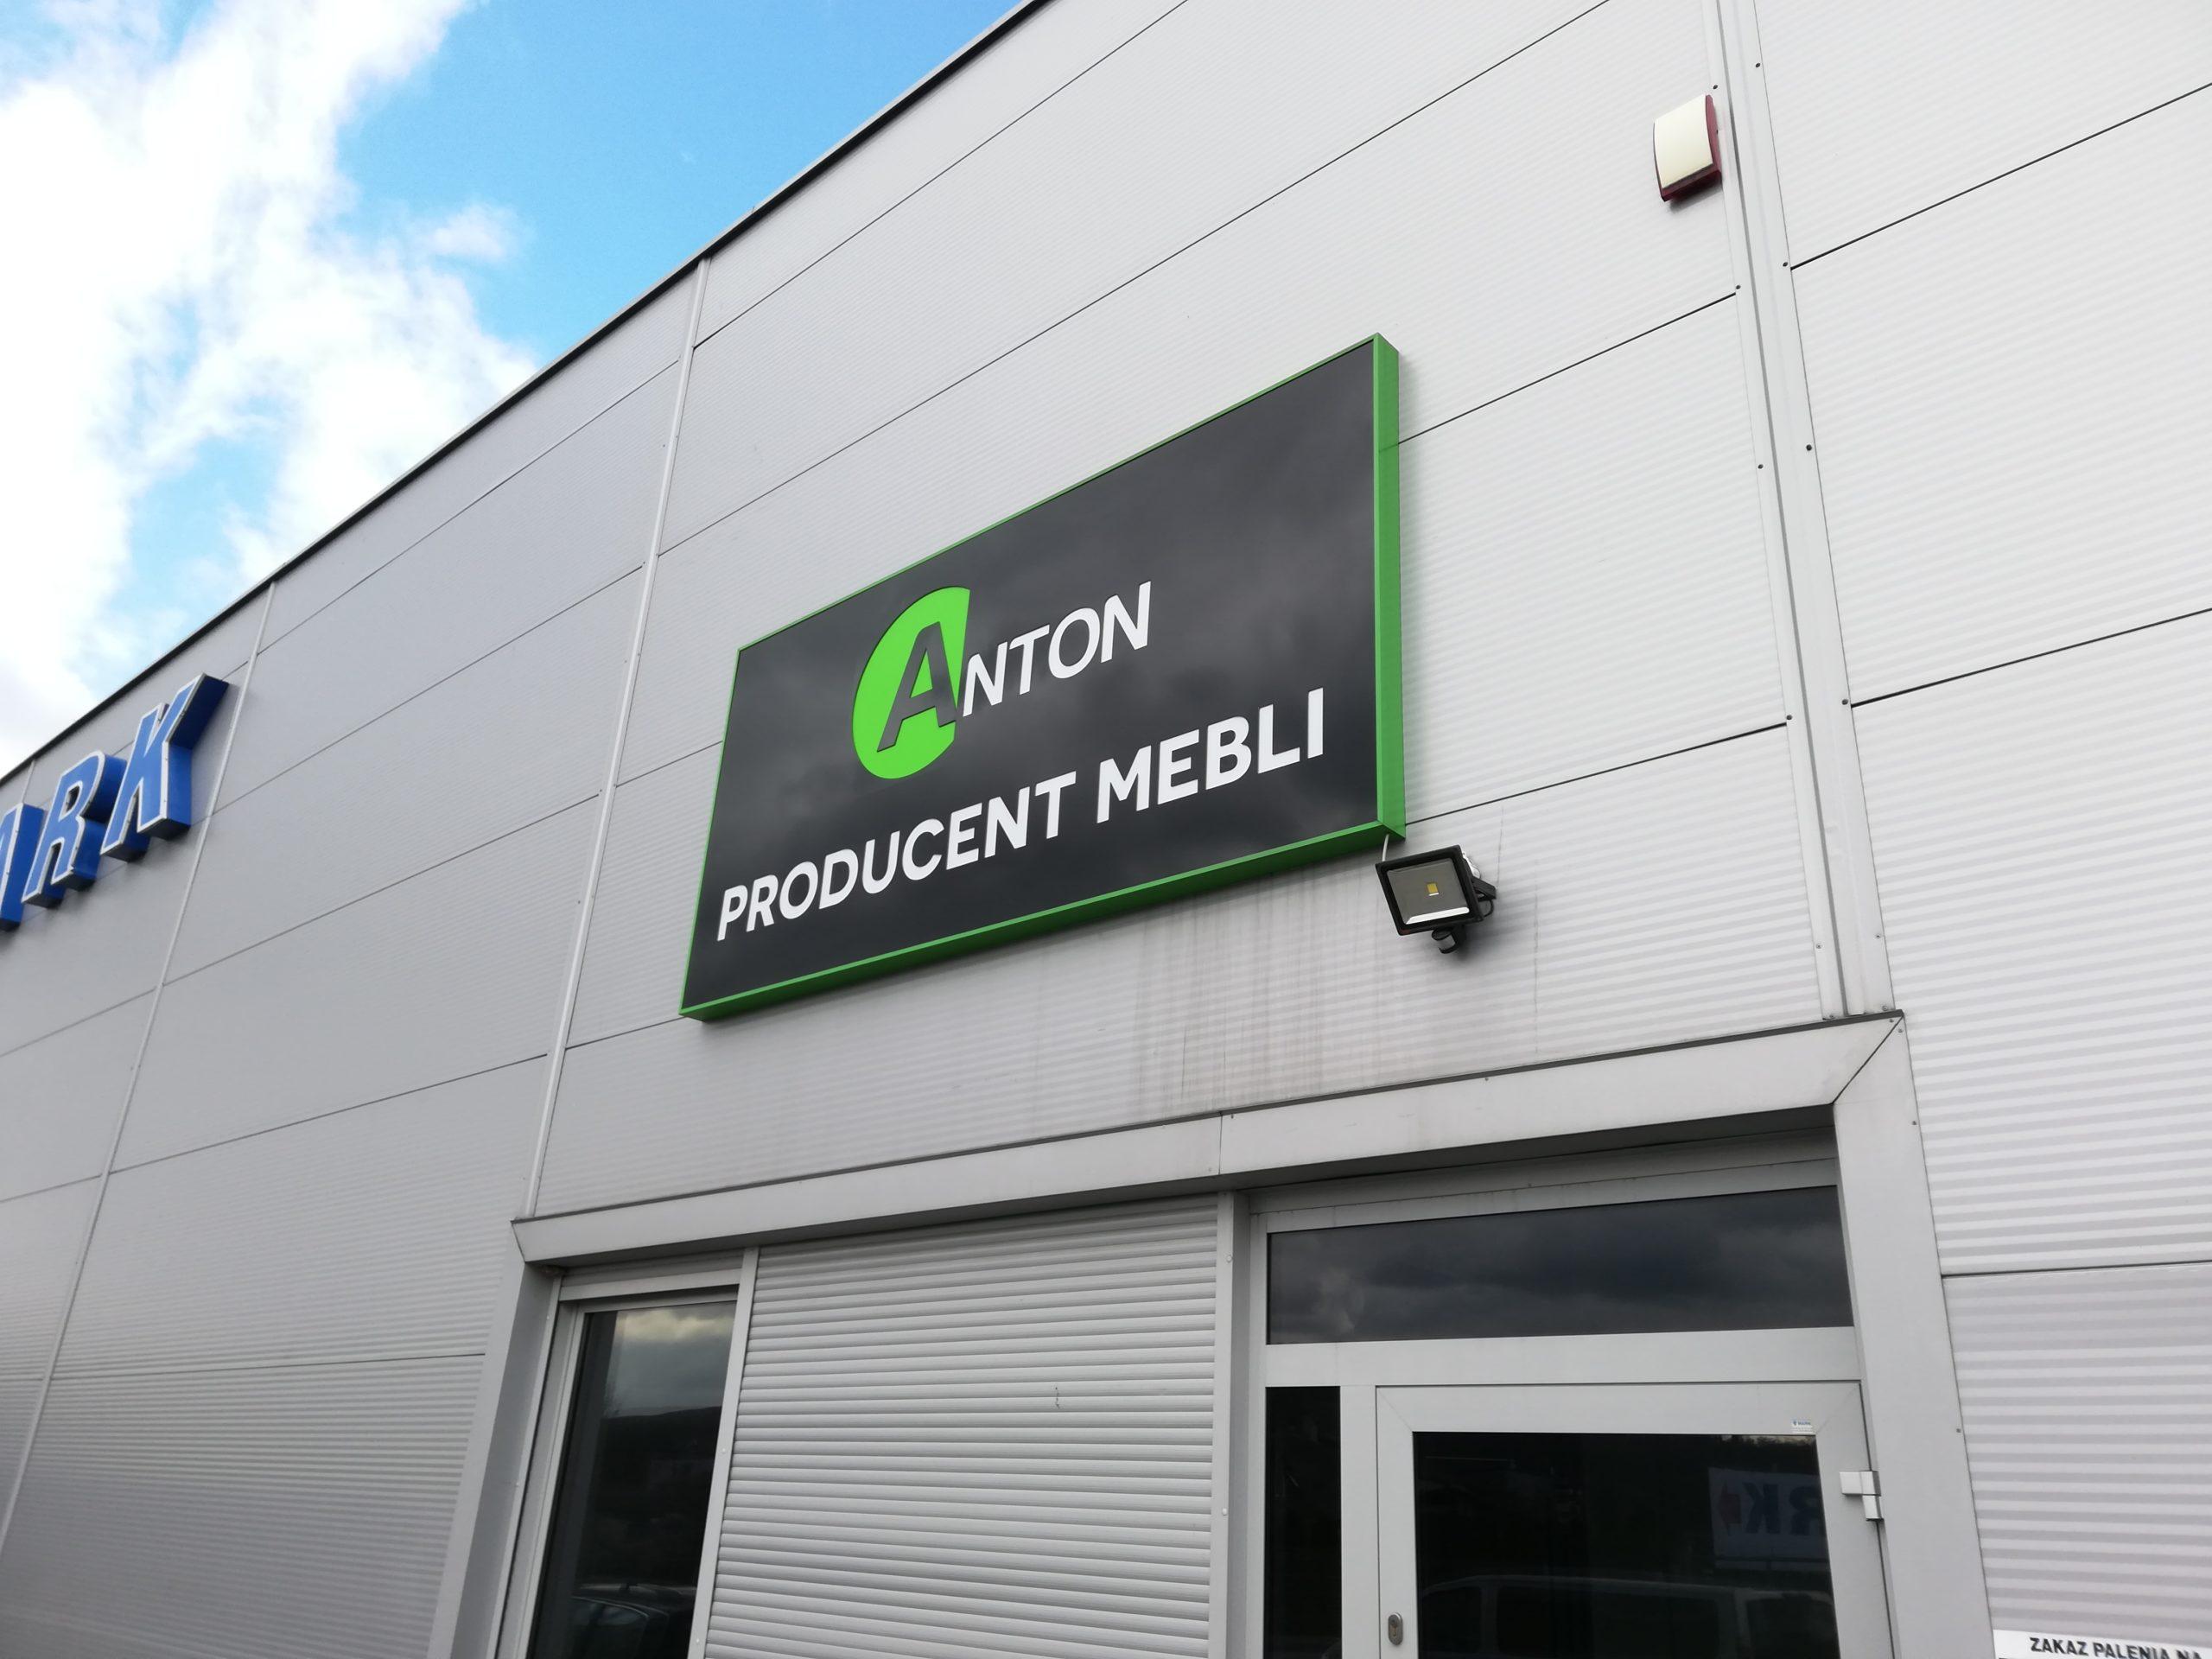 Realizacja reklamy Anton